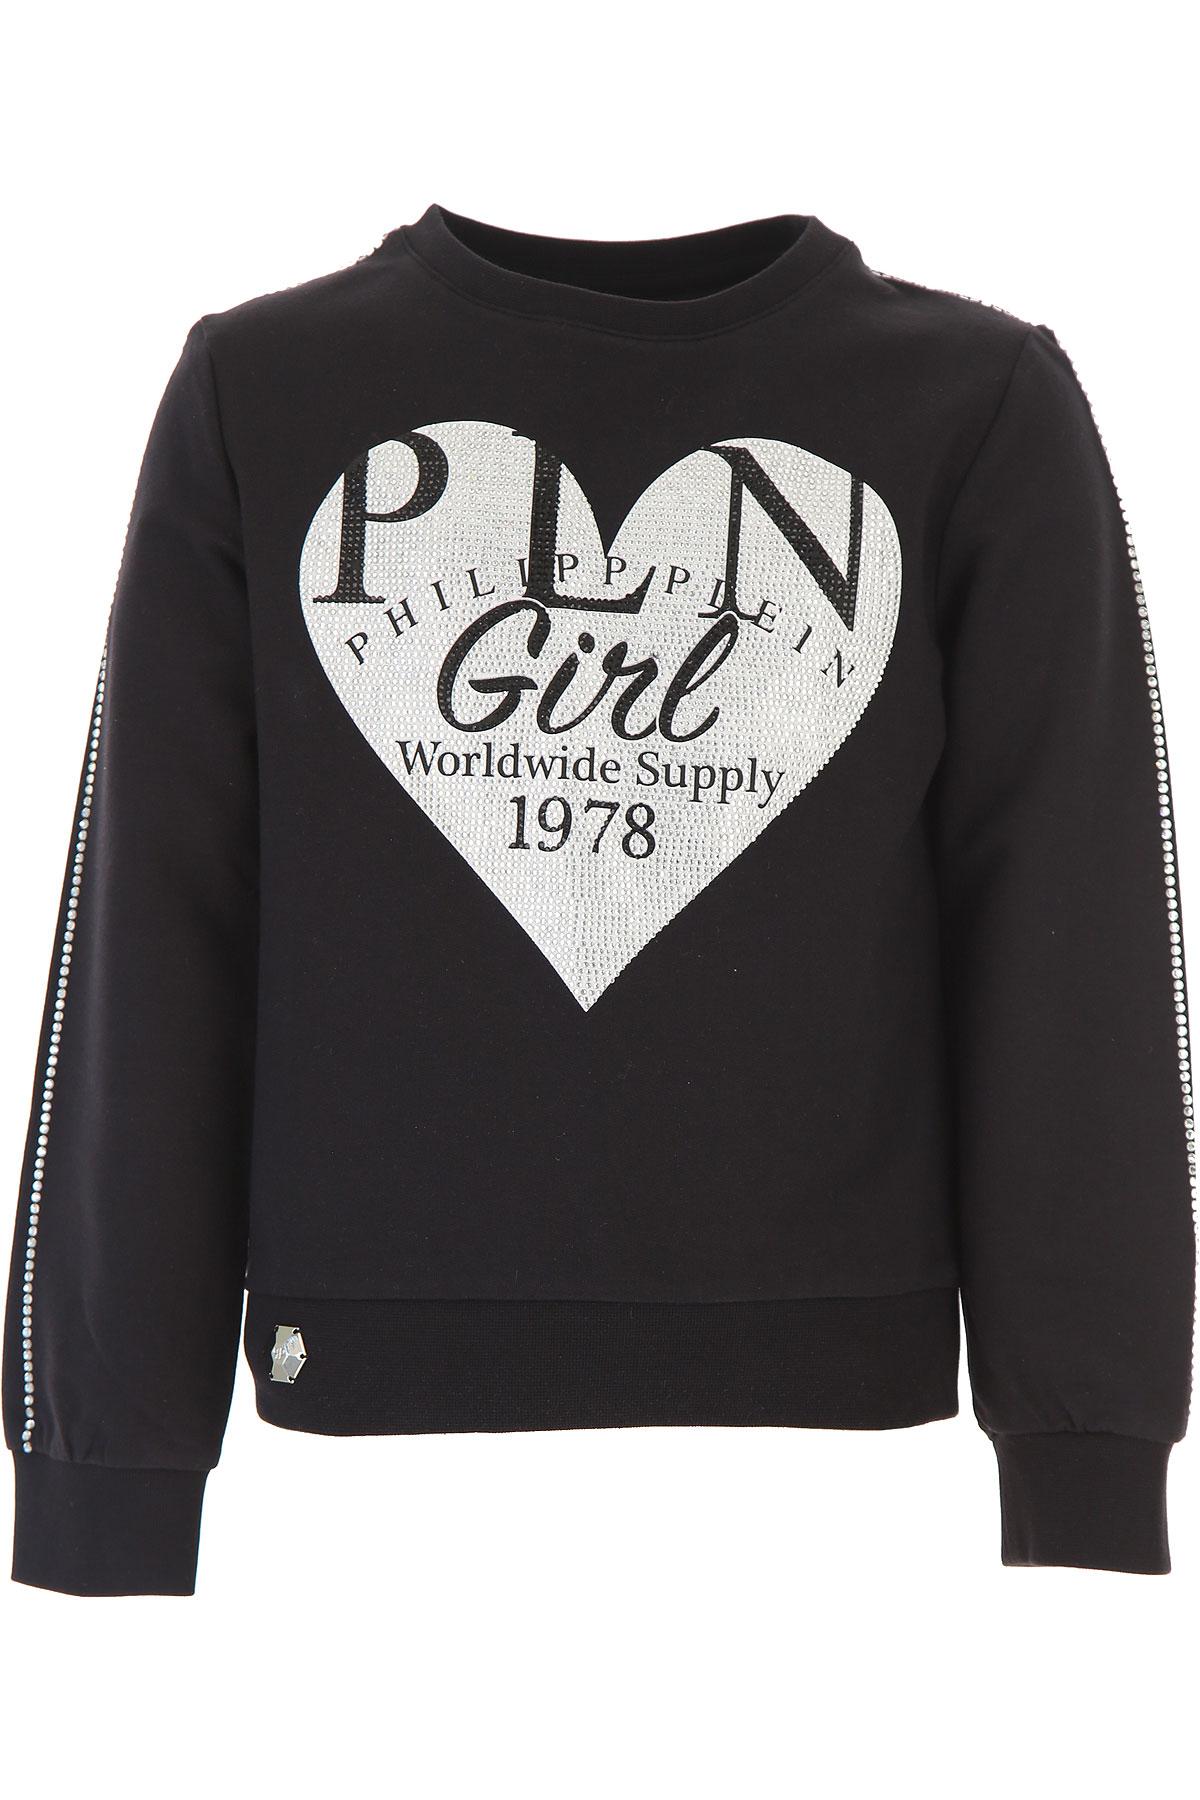 Philipp Plein Kids Sweatshirts & Hoodies for Girls On Sale, Black, Cotton, 2019, 10Y 12Y 14Y 16Y 8Y